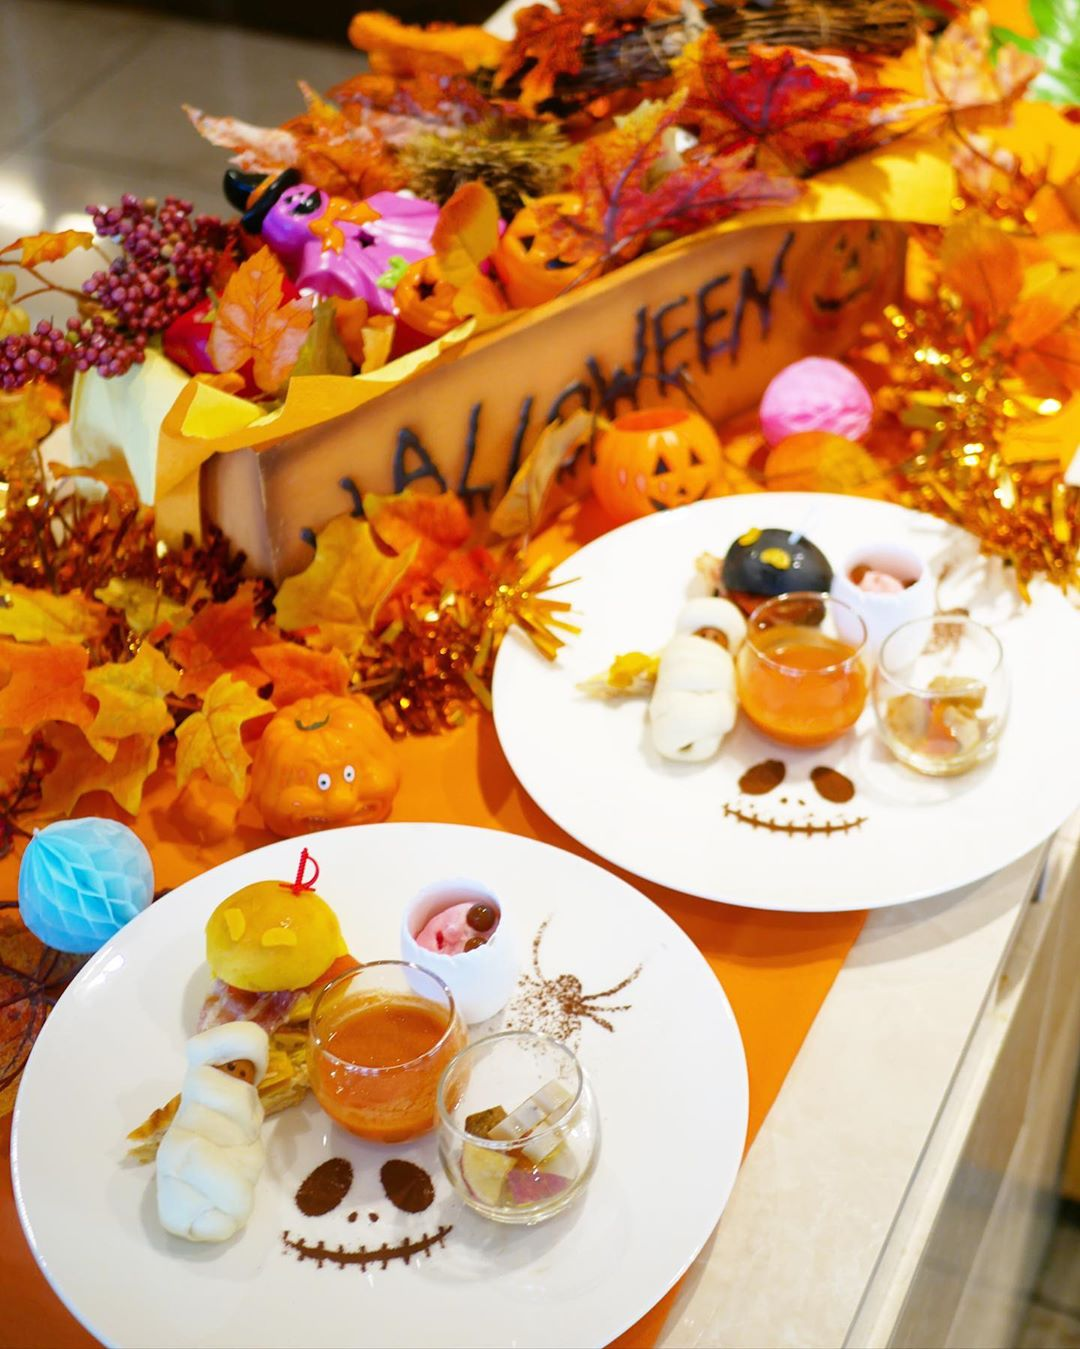 Premiumインフルエンサーズのインスタ拝見! 折田楓さんは、「神戸ポートピアホテル」のハロウィンスイーツオーダーブッフェをおすすめ♡_1